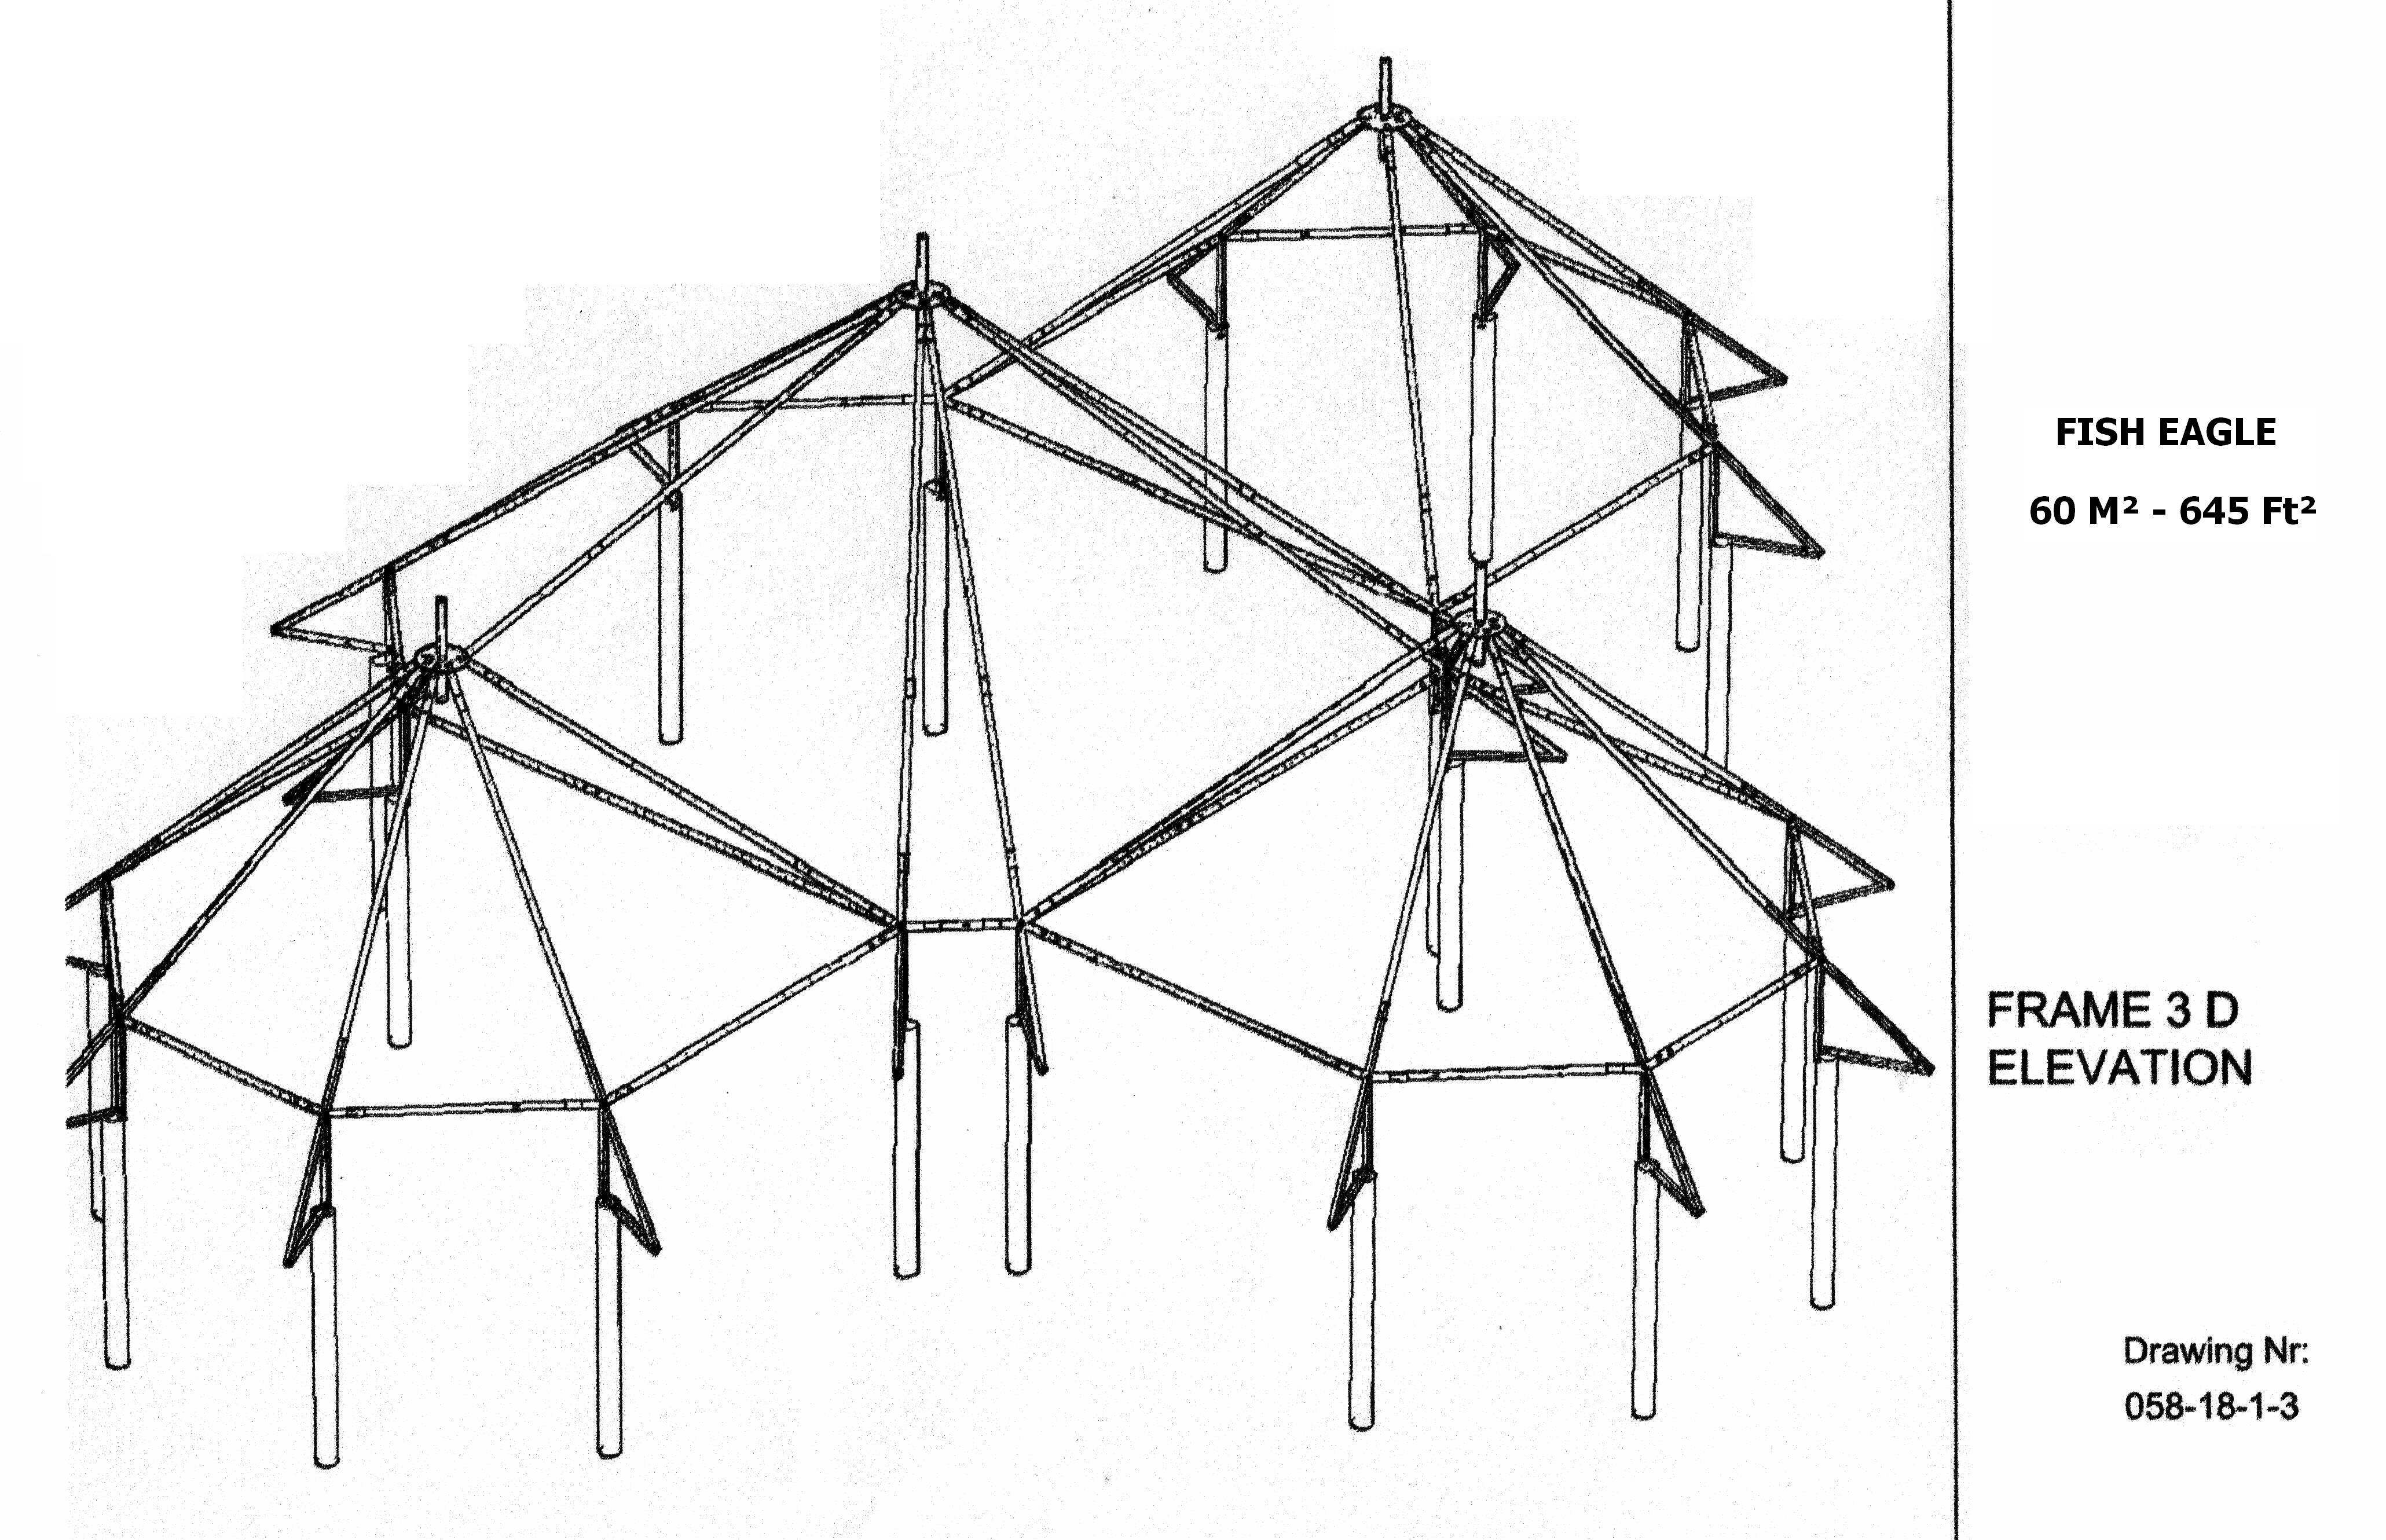 4121x2660 Fish Eagle Tent